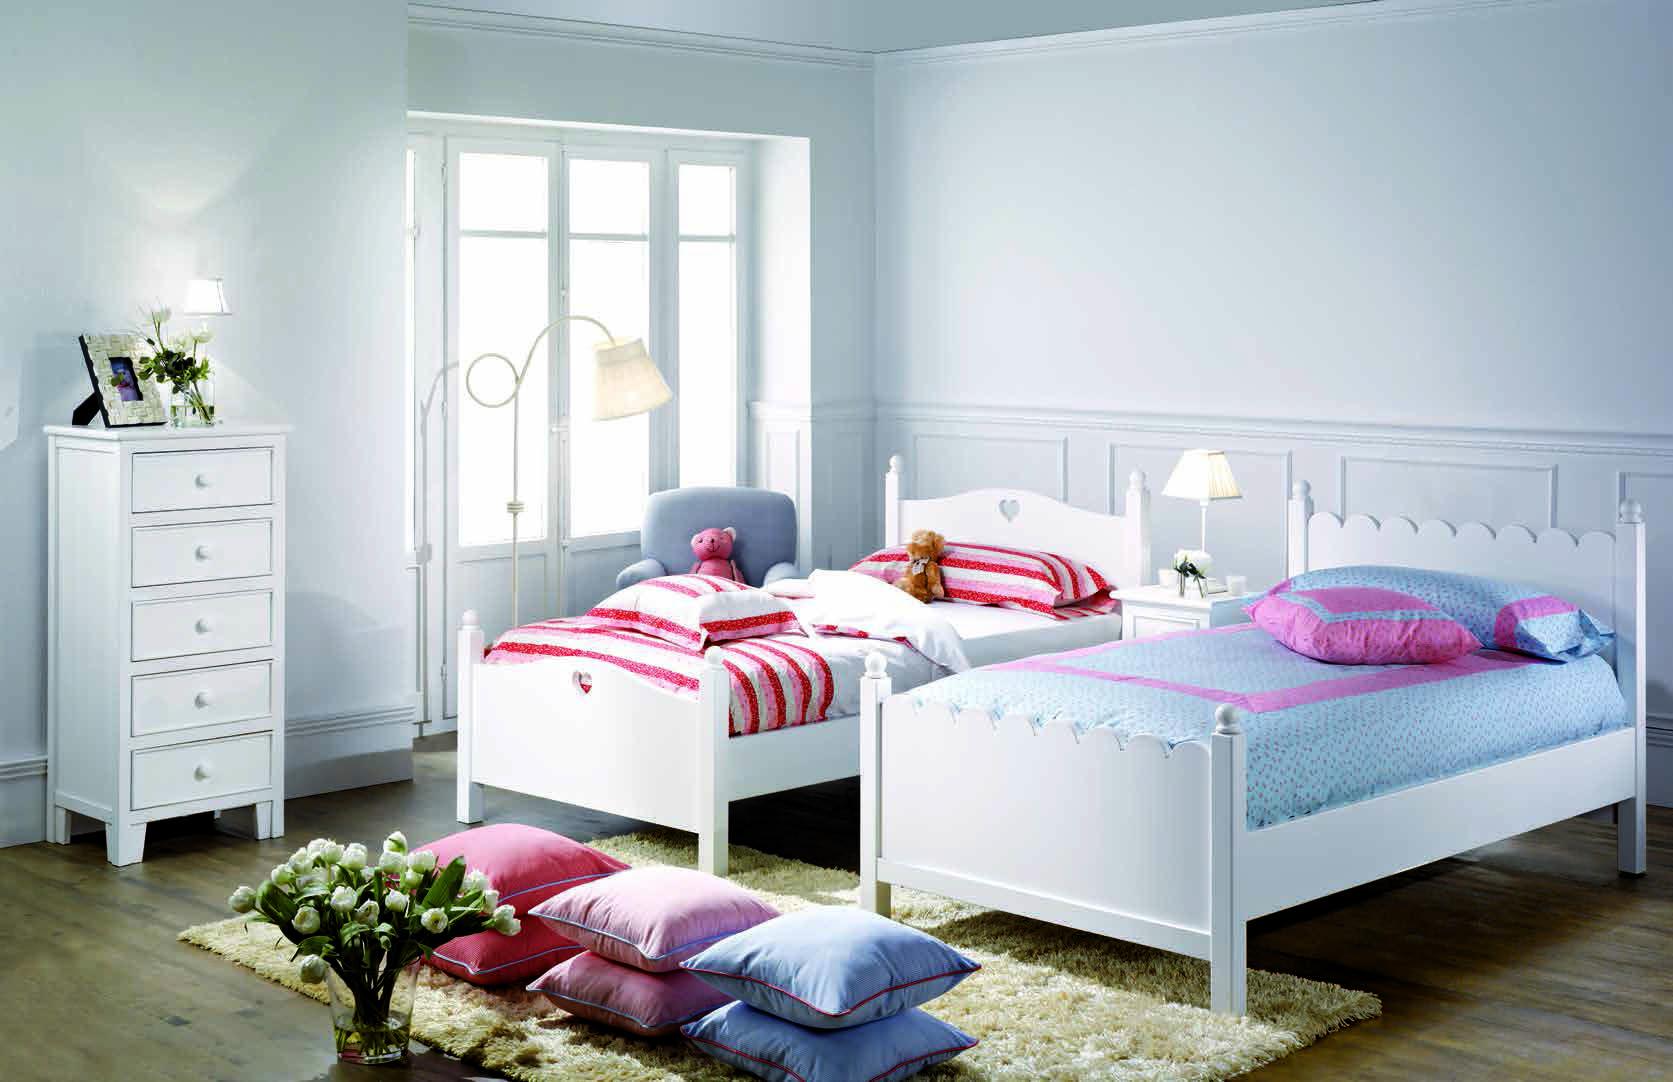 Camas Individuales Lacadas De Diferentes Modelos Dormitorios Individuales Dormitorios Decoración De Habitación Juvenil